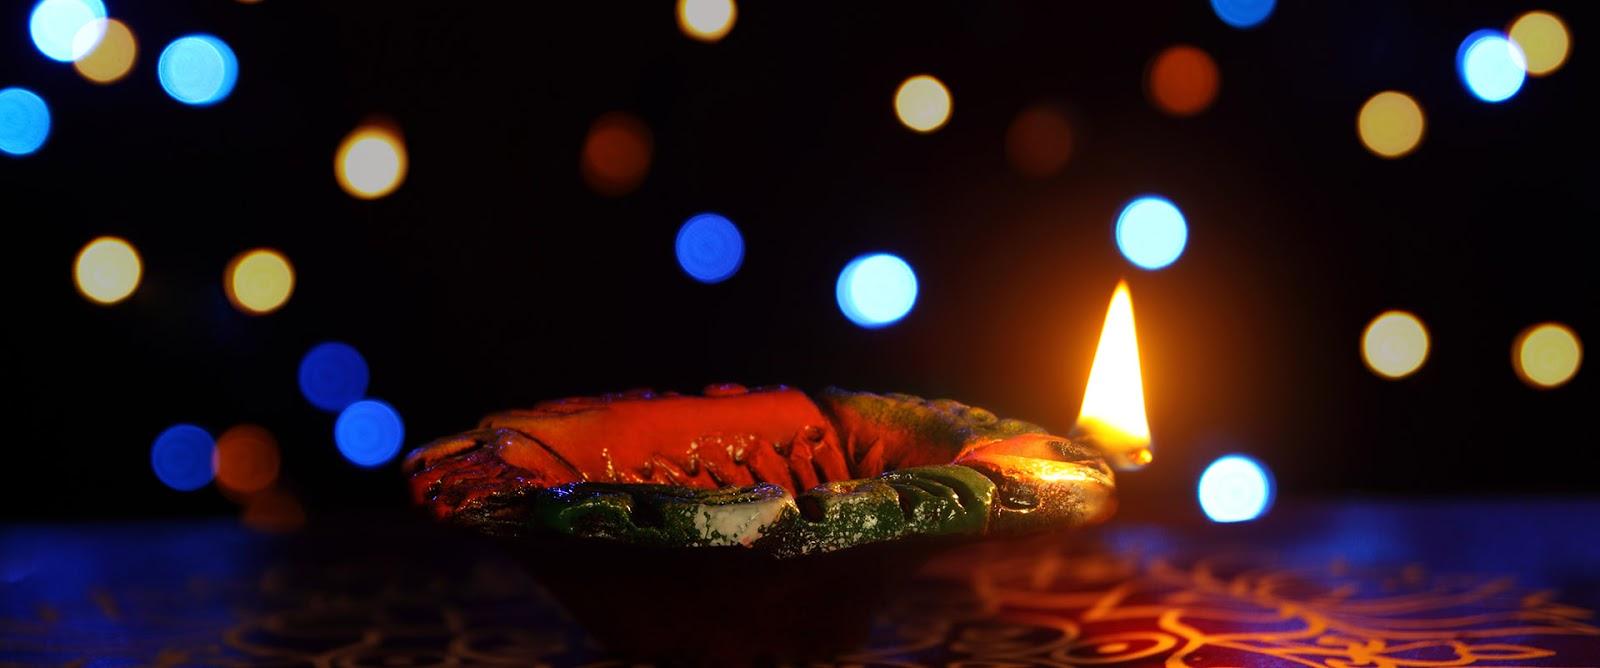 Happy Diwali Diyas